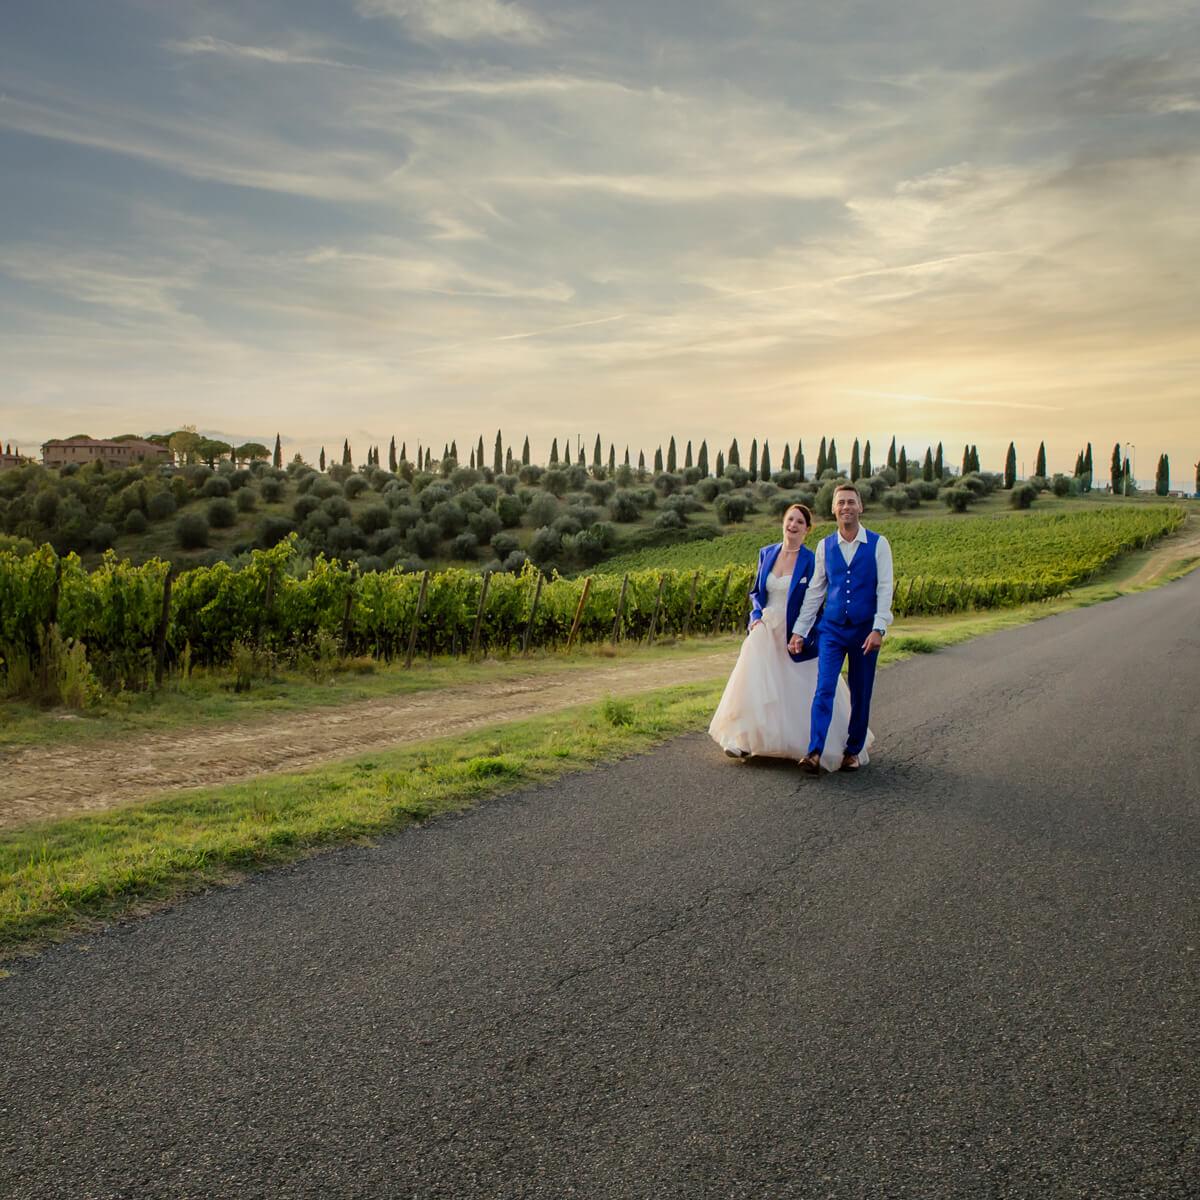 Hochzeit_Toskana_Landschaft